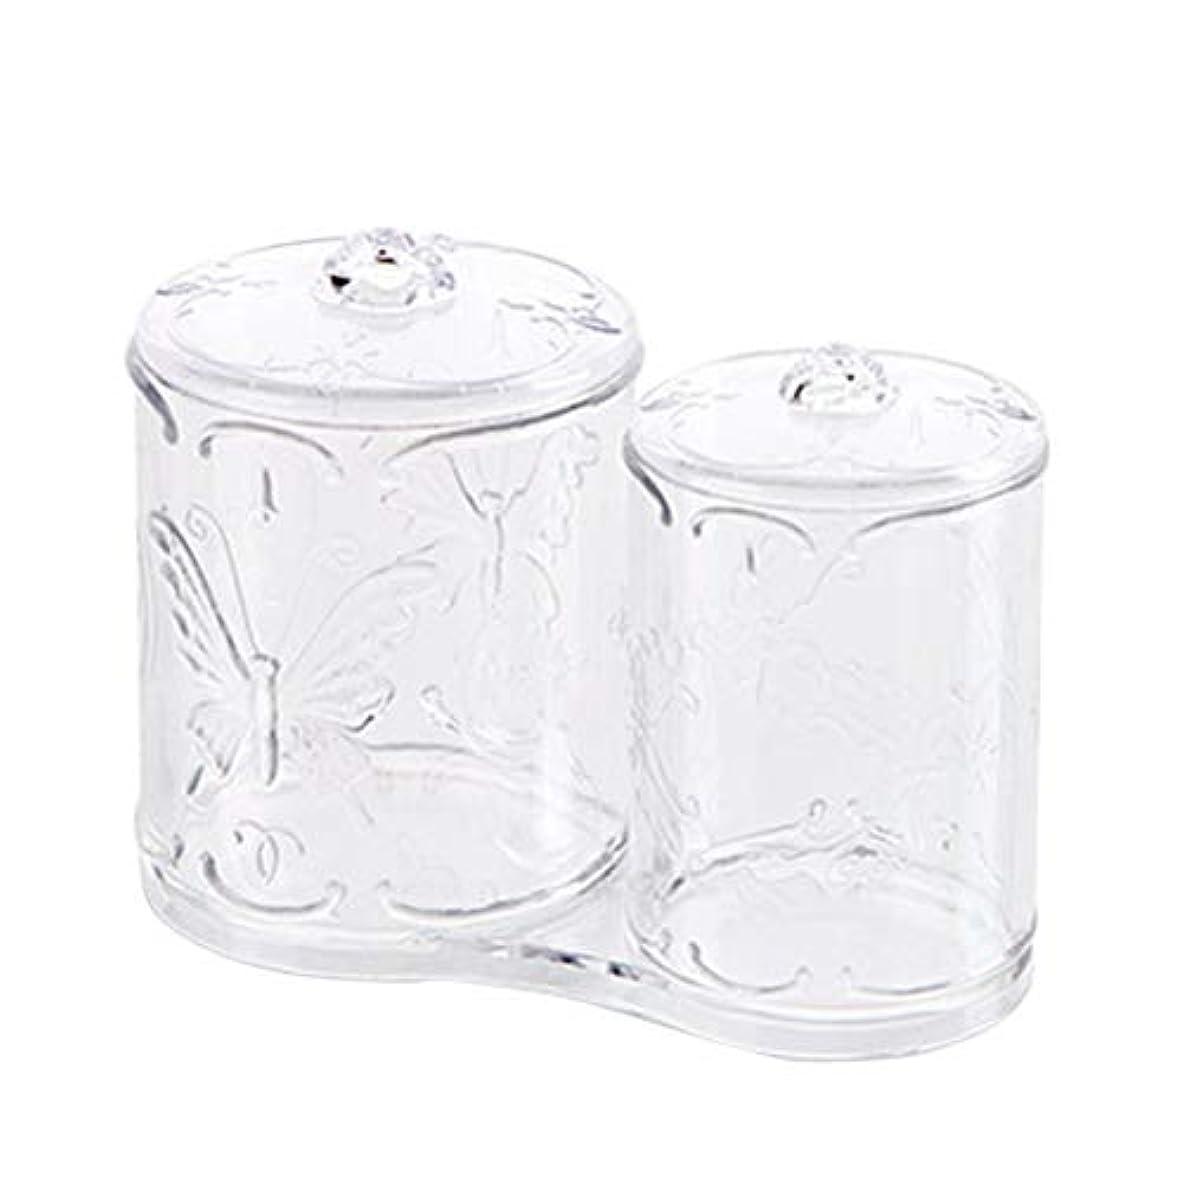 平衡高架彼のOUNONA 綿棒ケース 綿棒ボックス コスメボックス プラスチック 2in1 コットン フタ付き メイクケース パフ 小物 コスメ 化粧品 ジュエリー アクセサリー 収納 多機能 防塵 透明 卓上 浴室